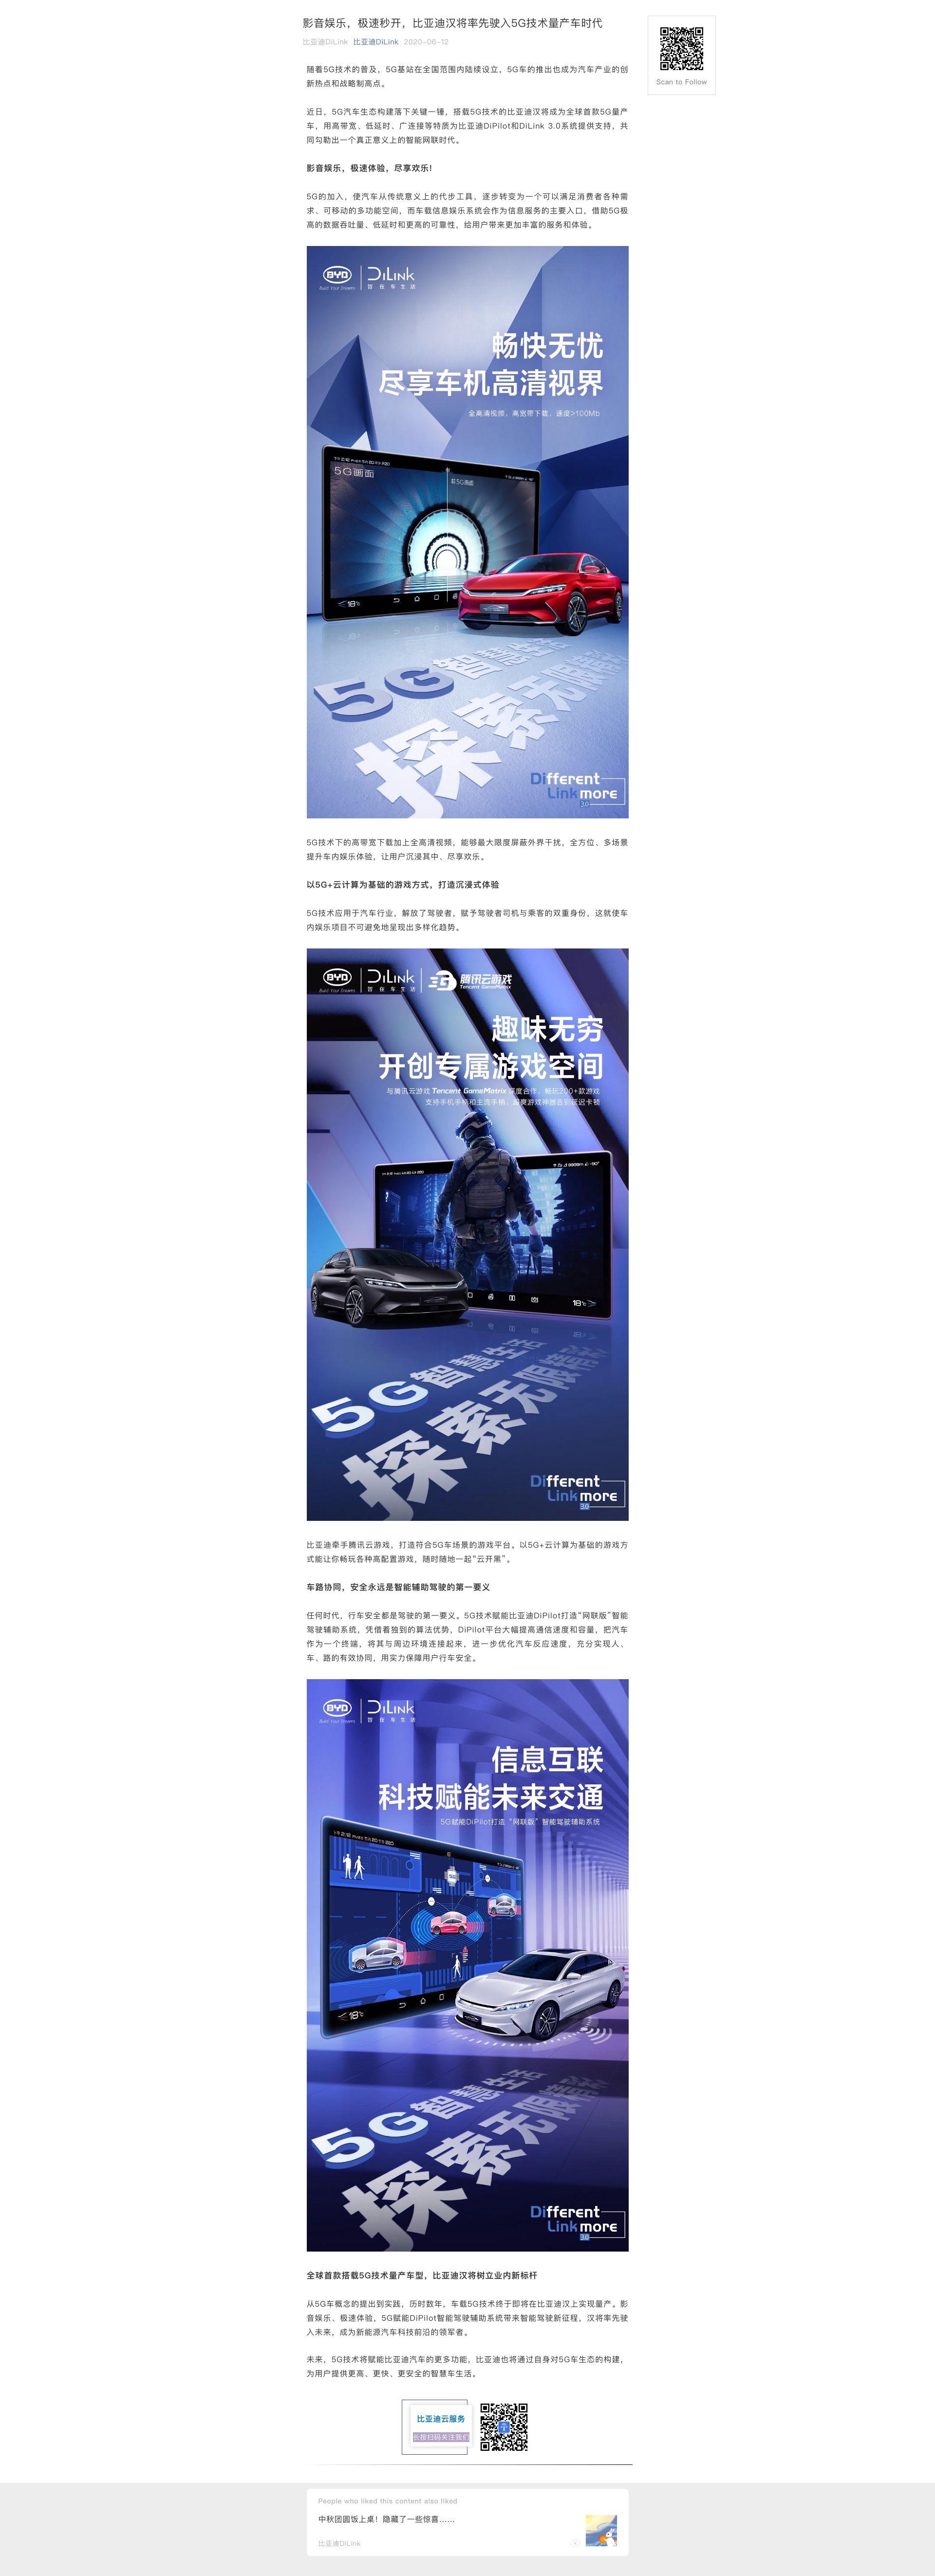 比亚迪汉厂家虚假宣传车机配置性能,严重损害消费者的合法权益